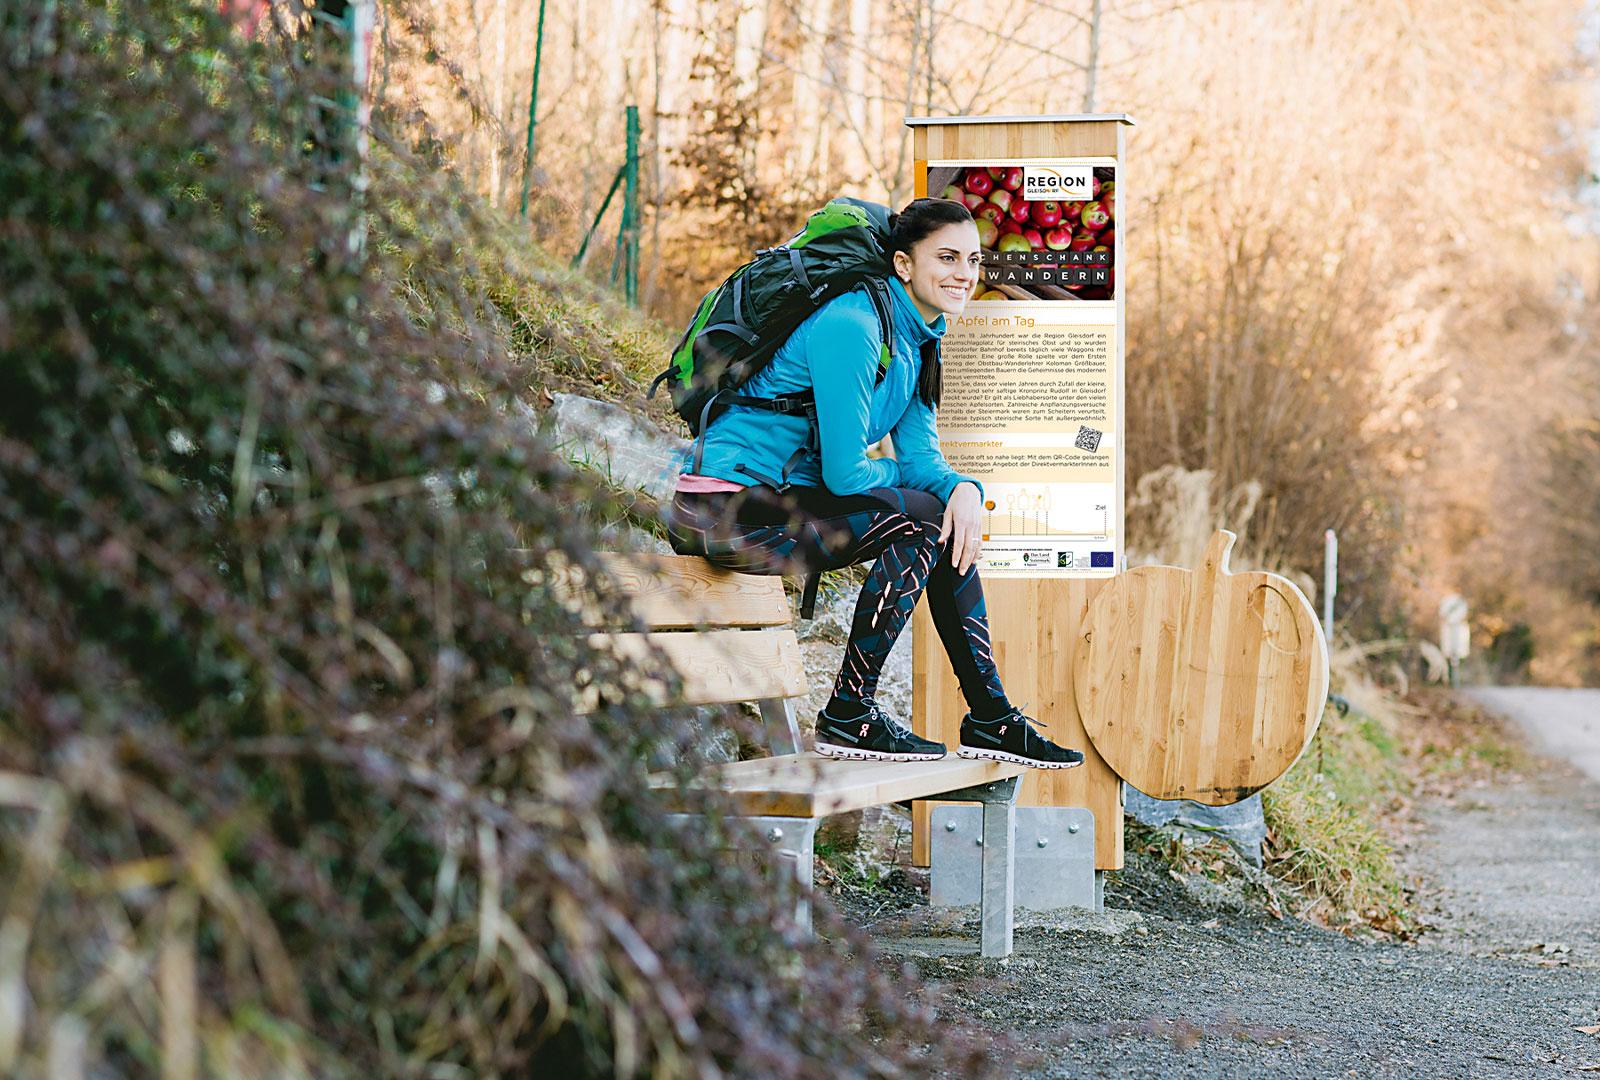 Freizeit- und Bewegungsraum Gleisdorf 3